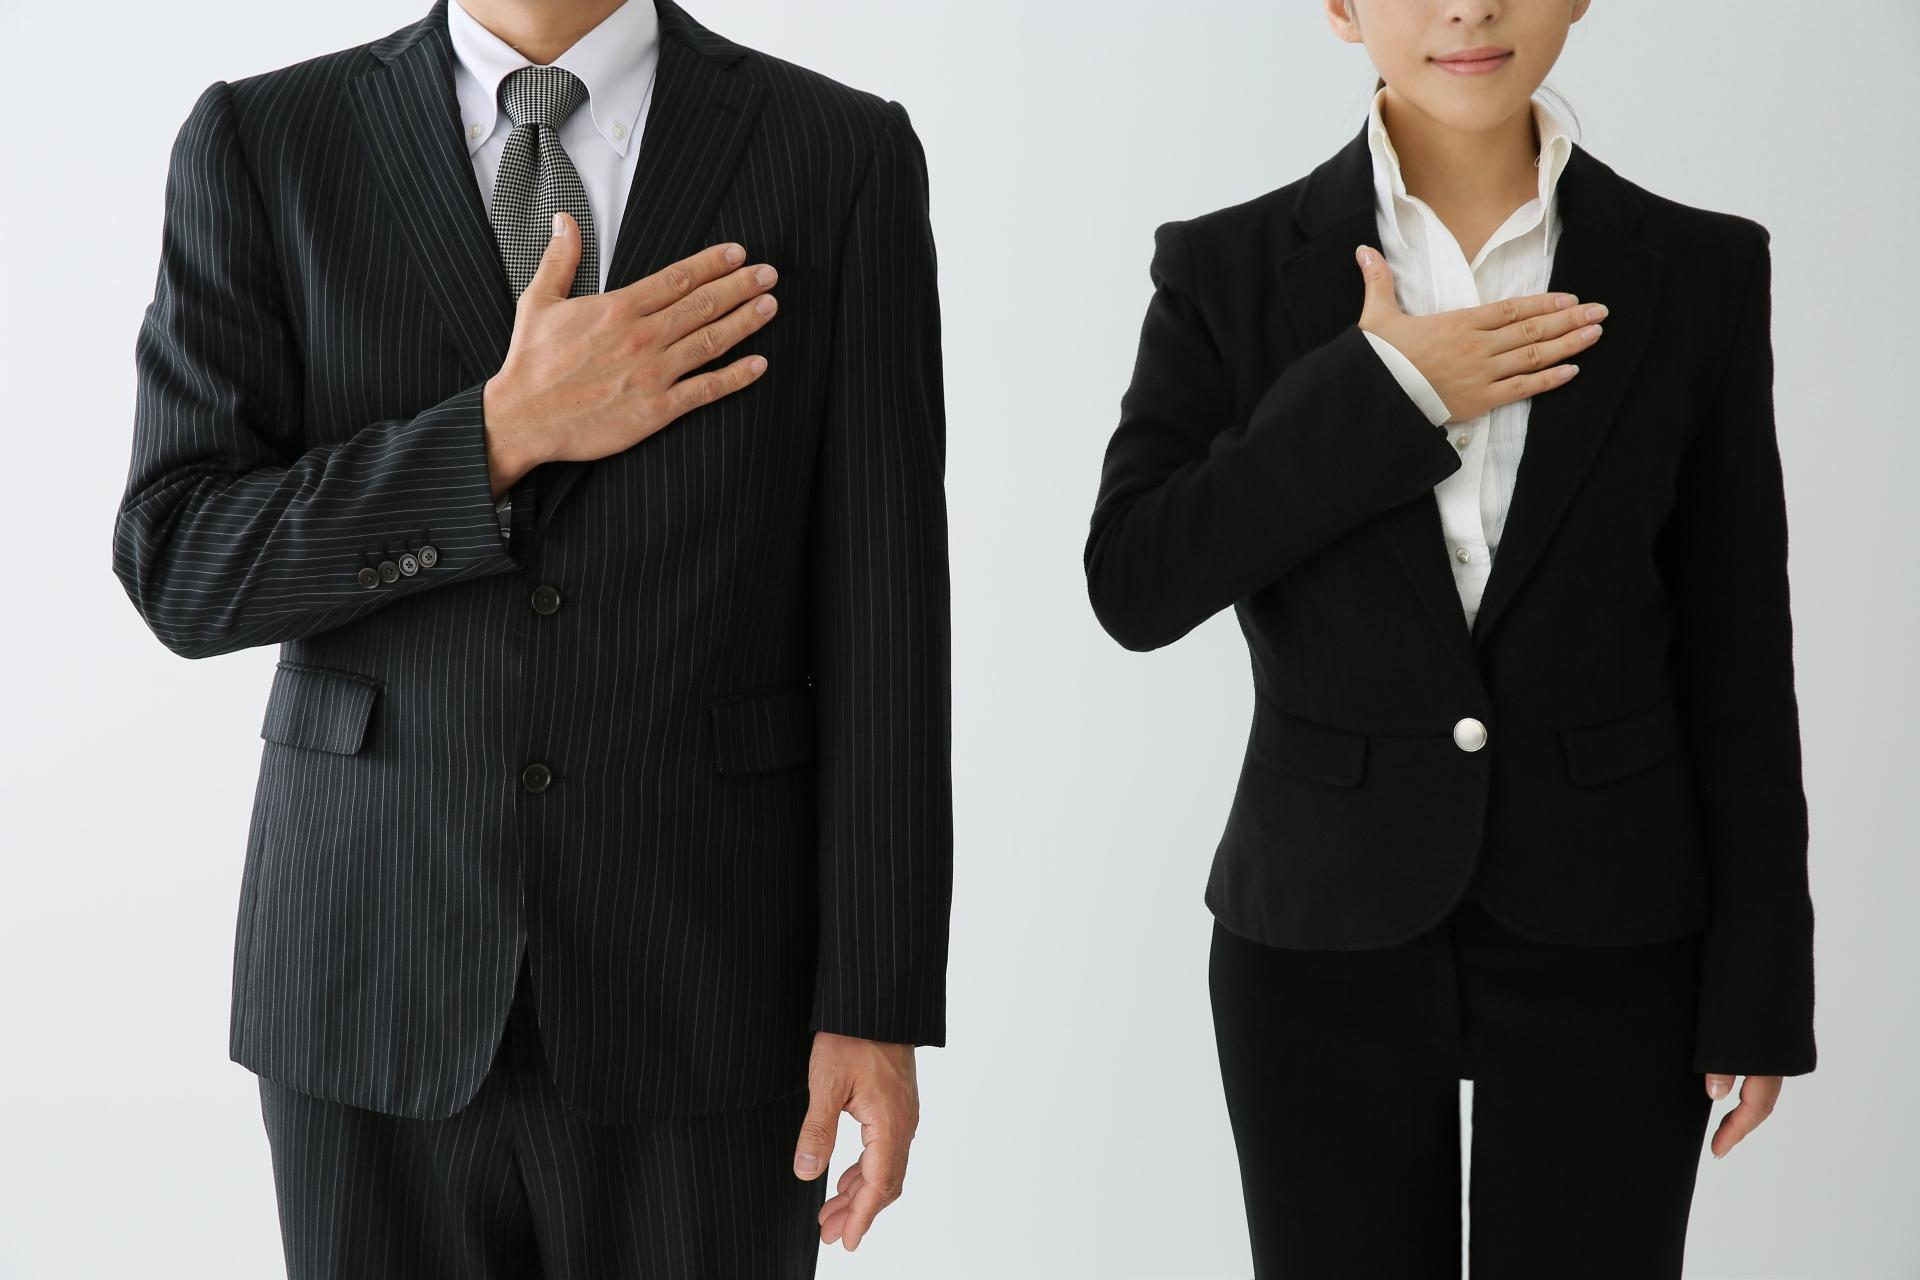 三重県探偵ブログ 「探偵選びを失敗してしまった方へ」